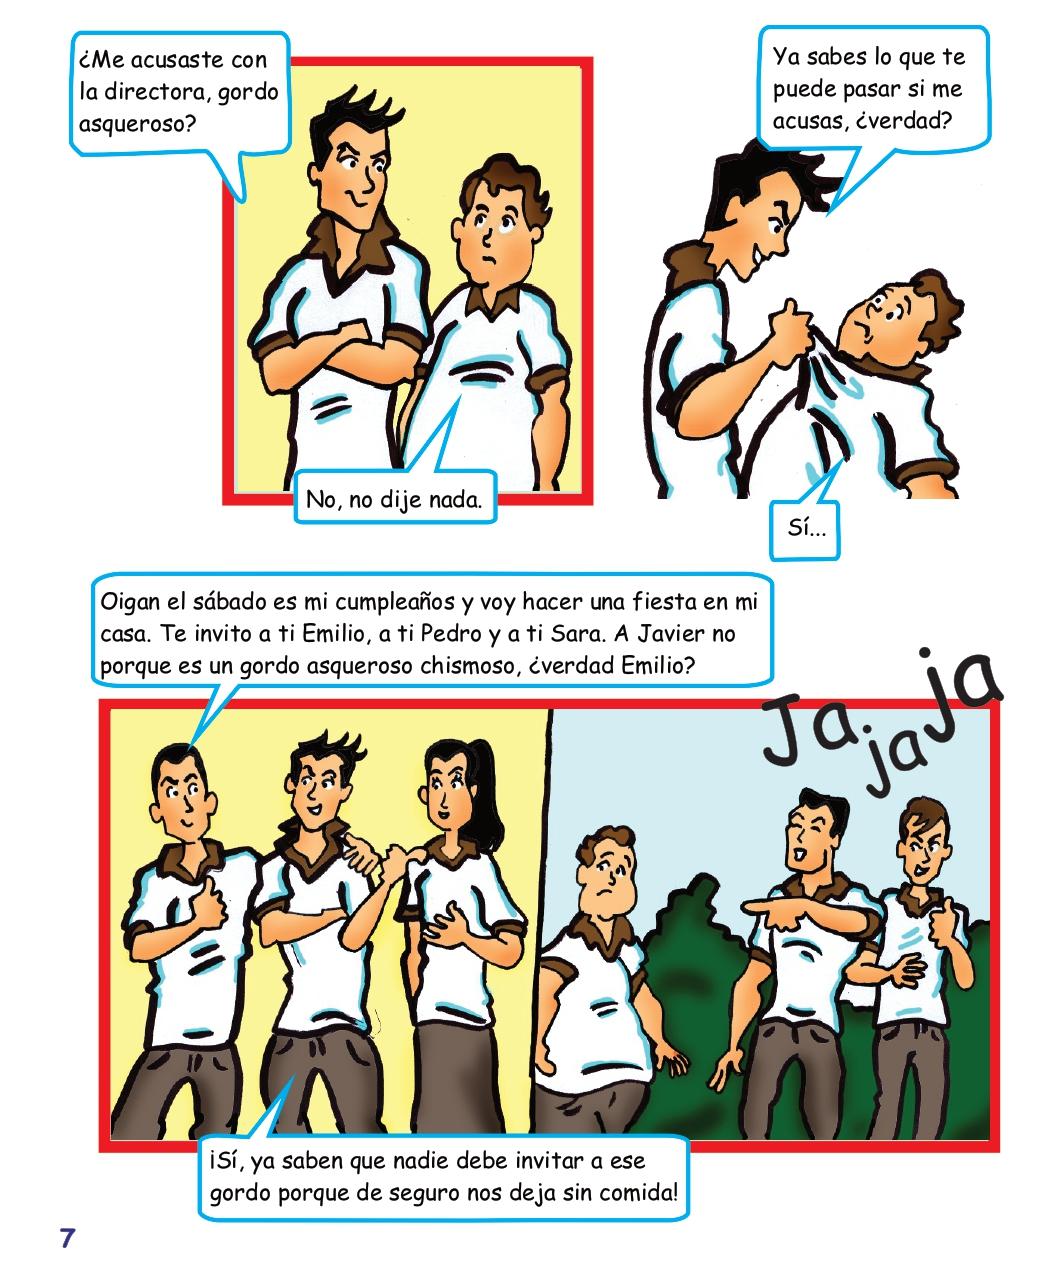 Psicología adolescentes Reyhan cap3 digital_page-0010